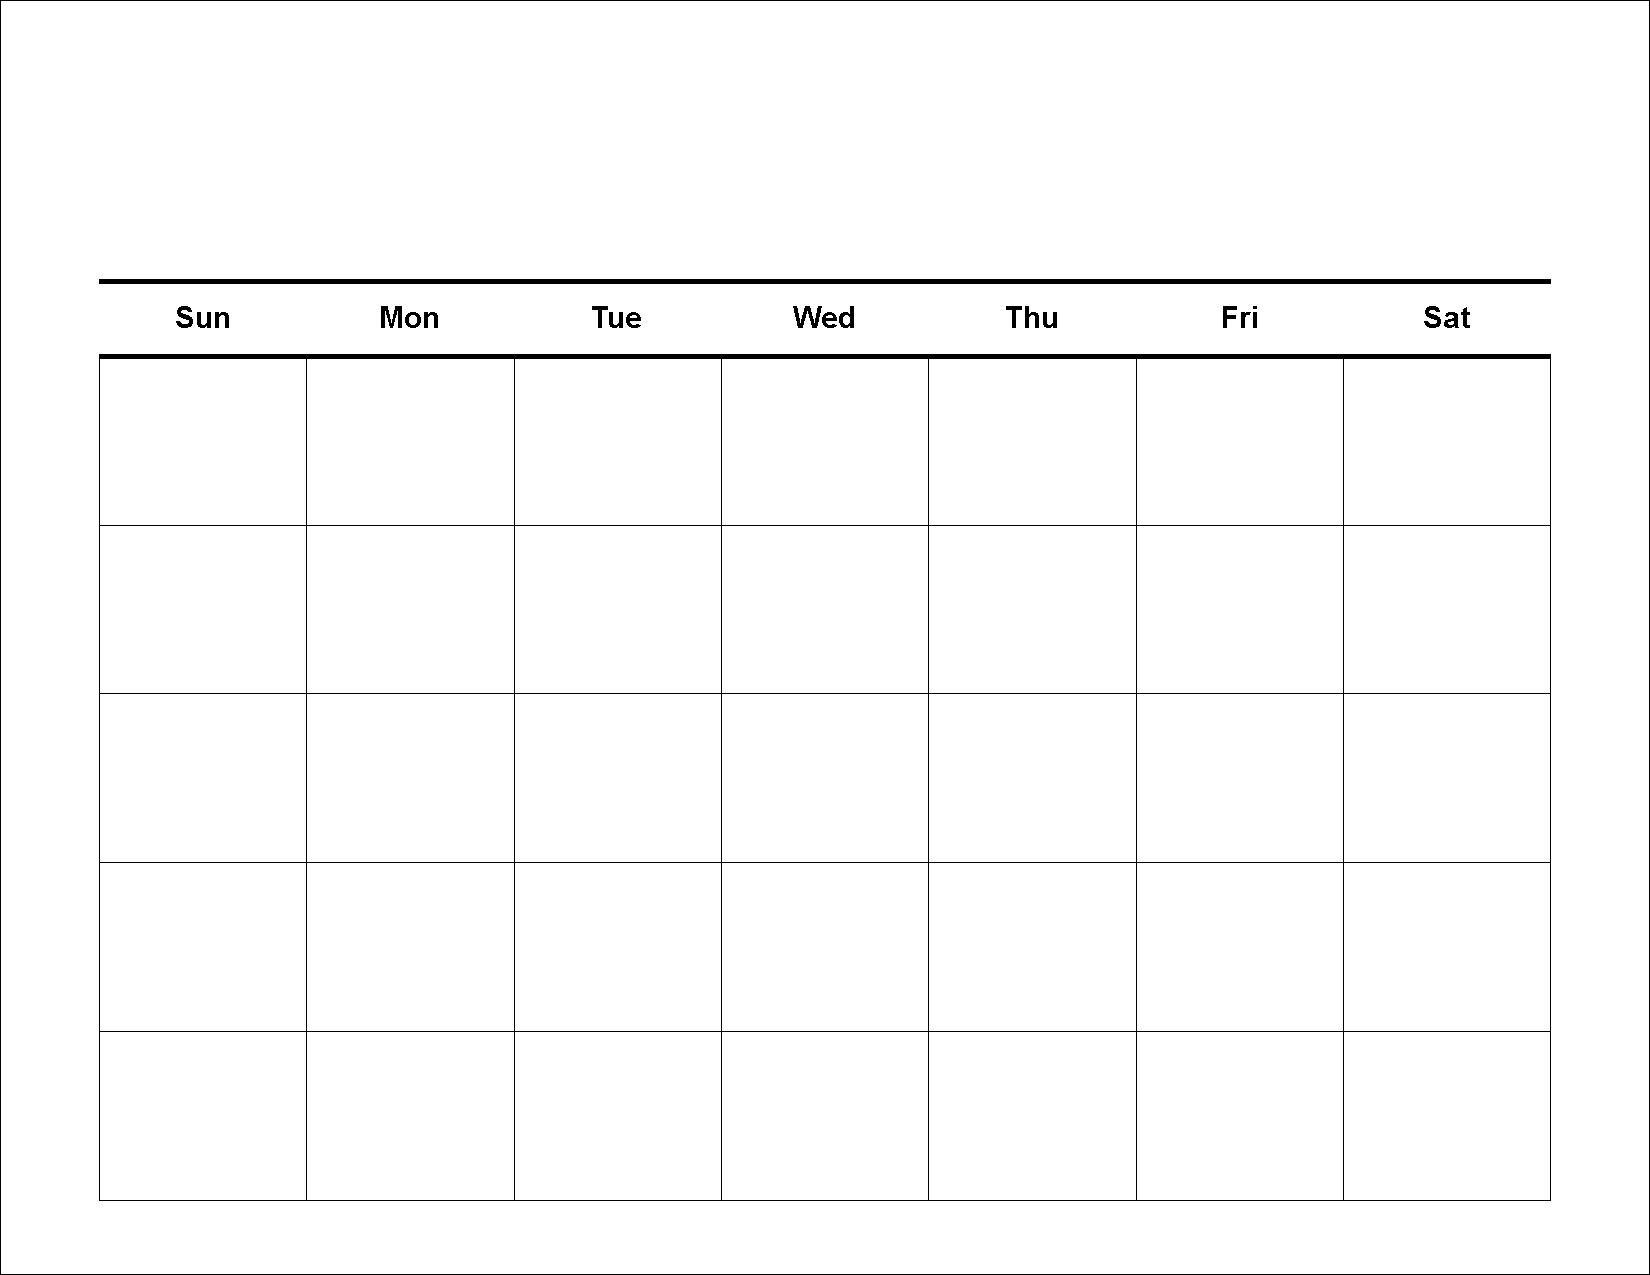 Monthly 5 Week Menu Rotation Template   Template Calendar Printable regarding Monthly 5 Week Menu Rotation Template